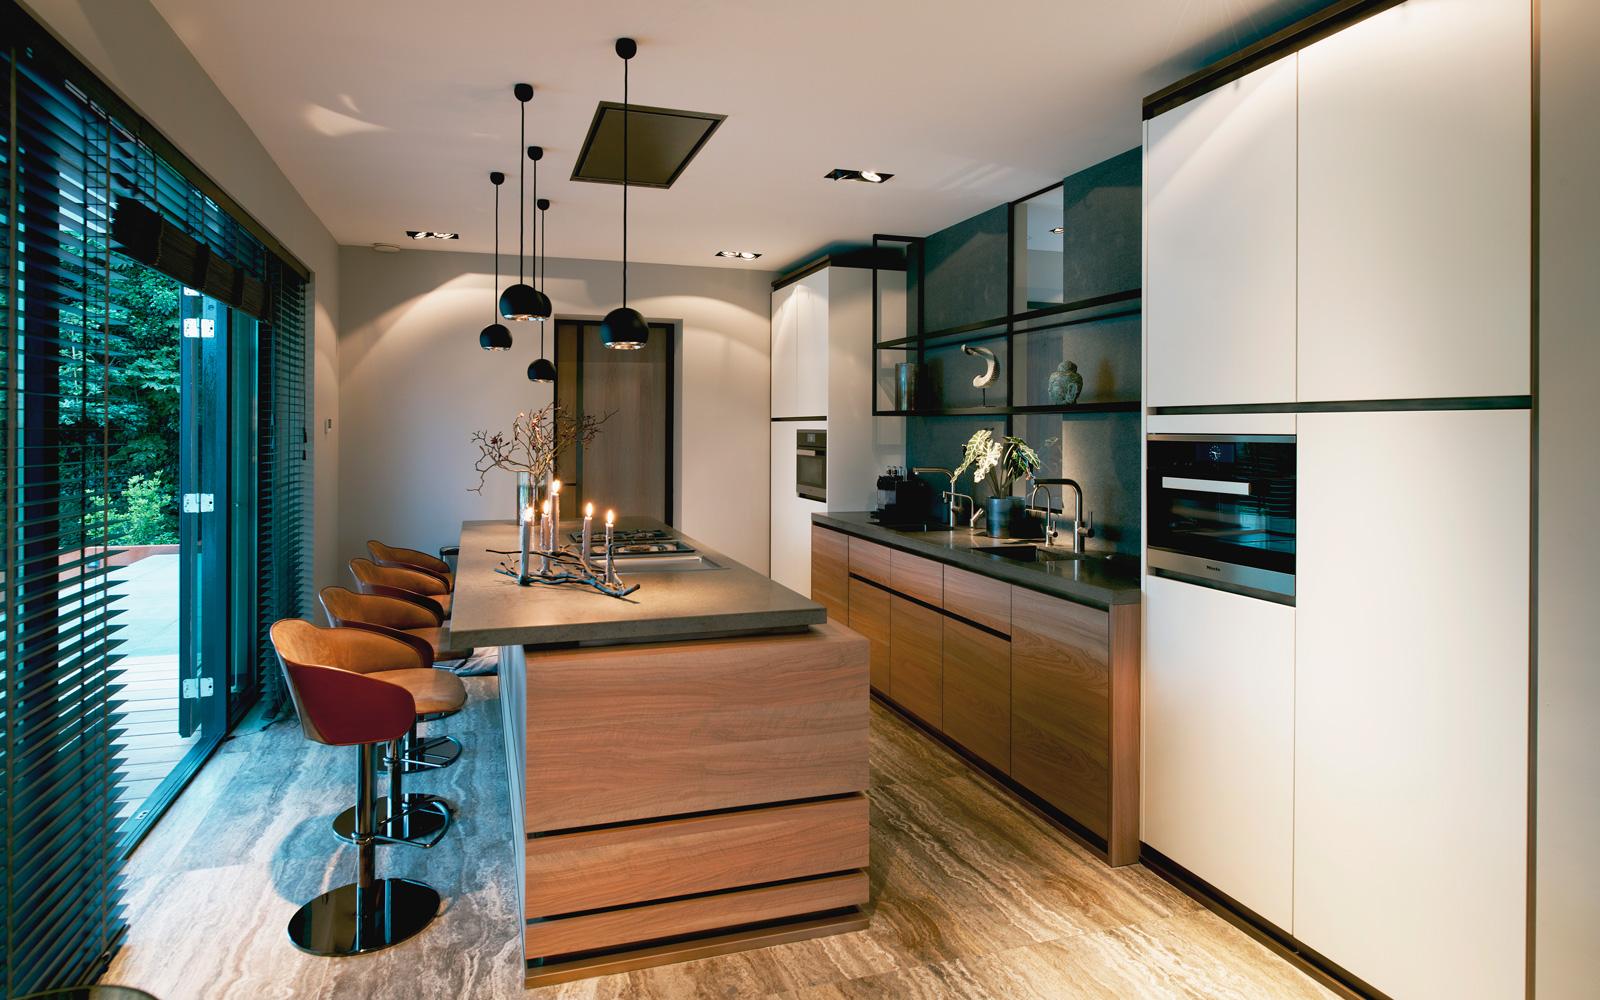 Tieleman keuken met kookeiland design Eric Kant #keuken #kookeiland #design #keukeninspiratie